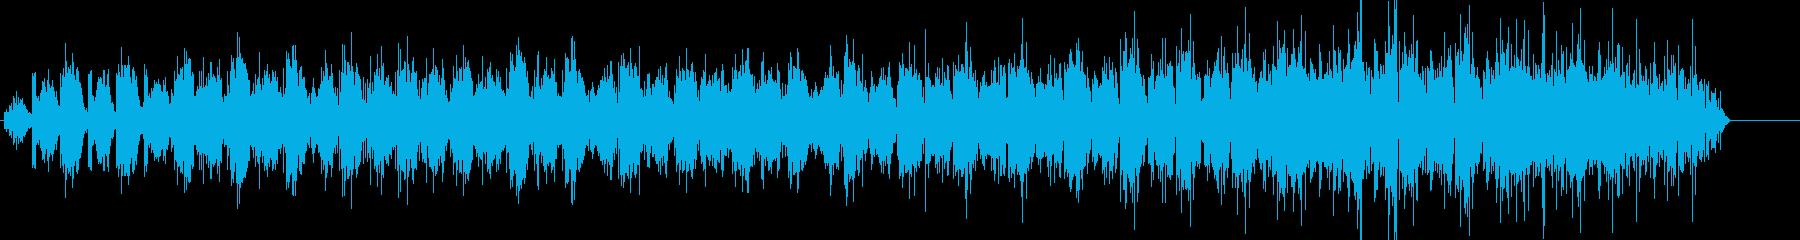 和風をイメージして作りました。の再生済みの波形